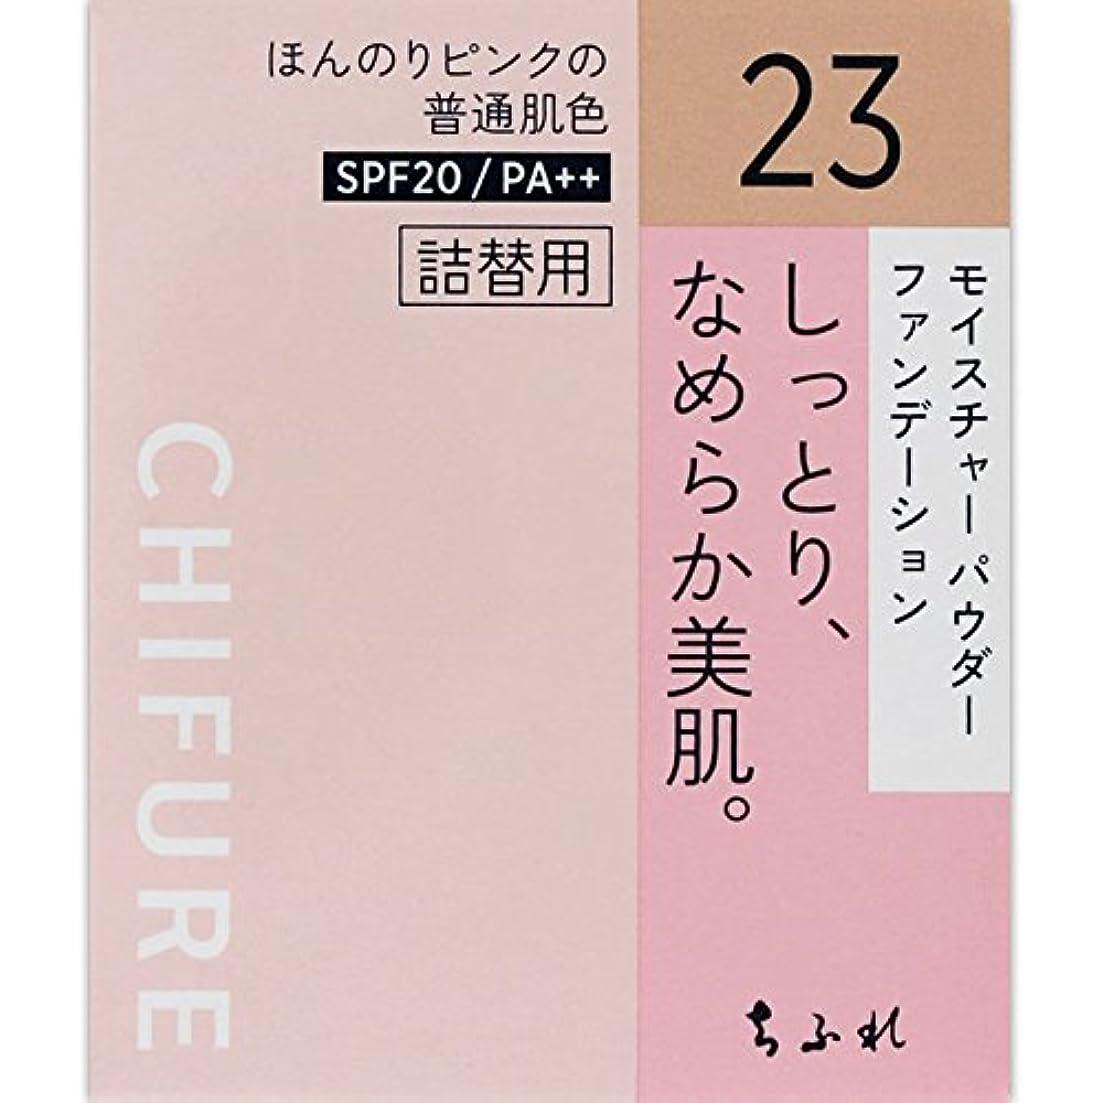 駐地視力風刺ちふれ化粧品 モイスチャー パウダーファンデーション 詰替用 ピンクオークル系 MパウダーFD詰替用23